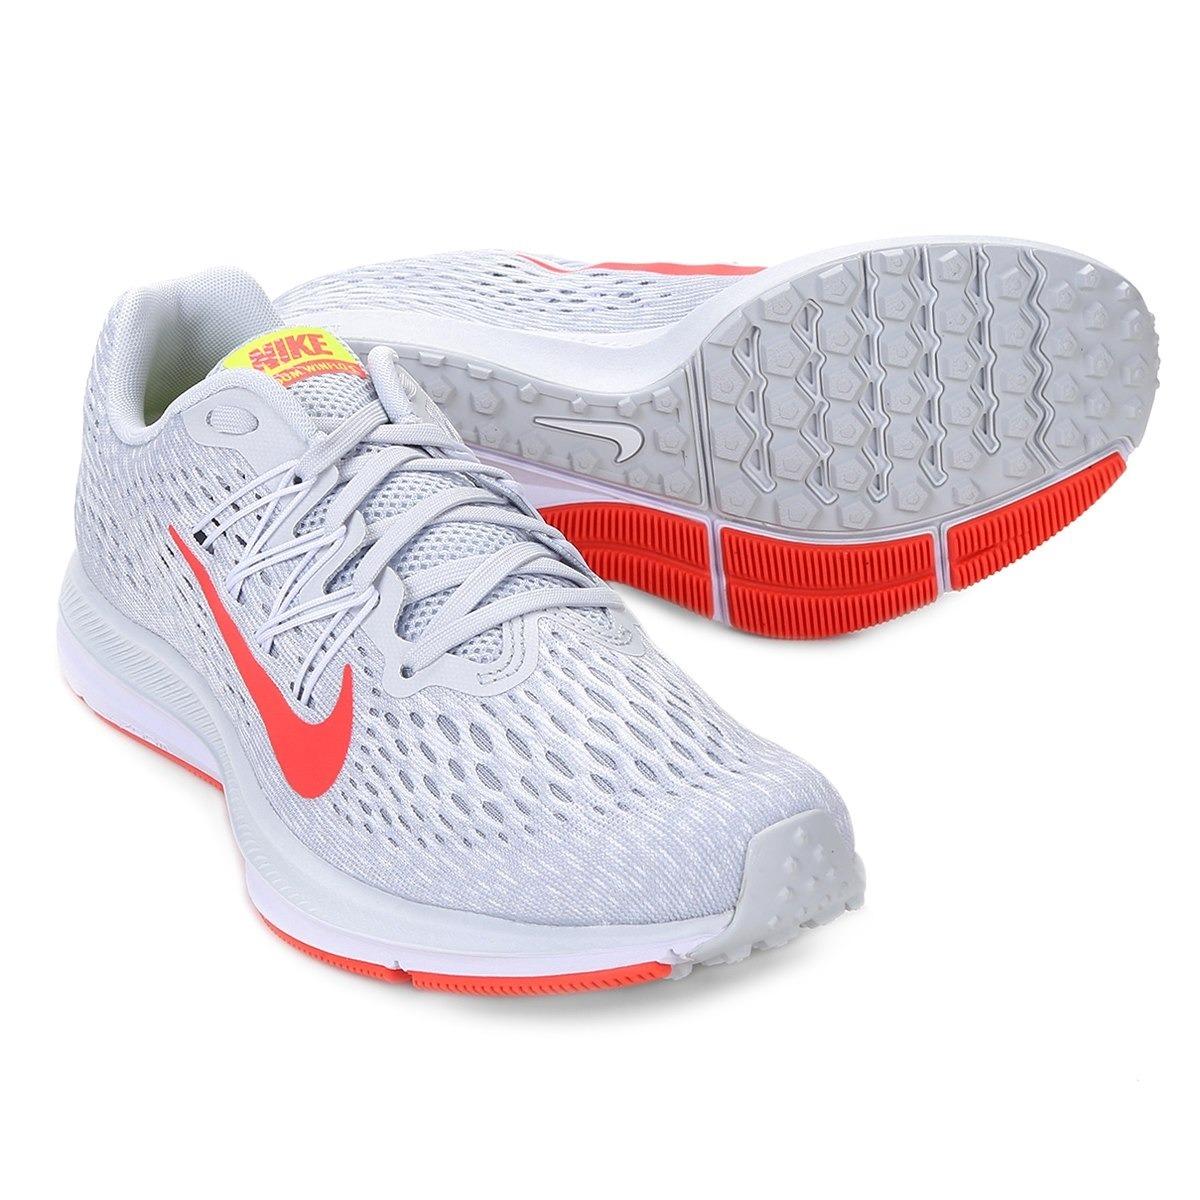 a1825dd4a7 Tênis Nike Wmns Zoom Winflo 5 Feminino - R$ 449,99 em Mercado Livre